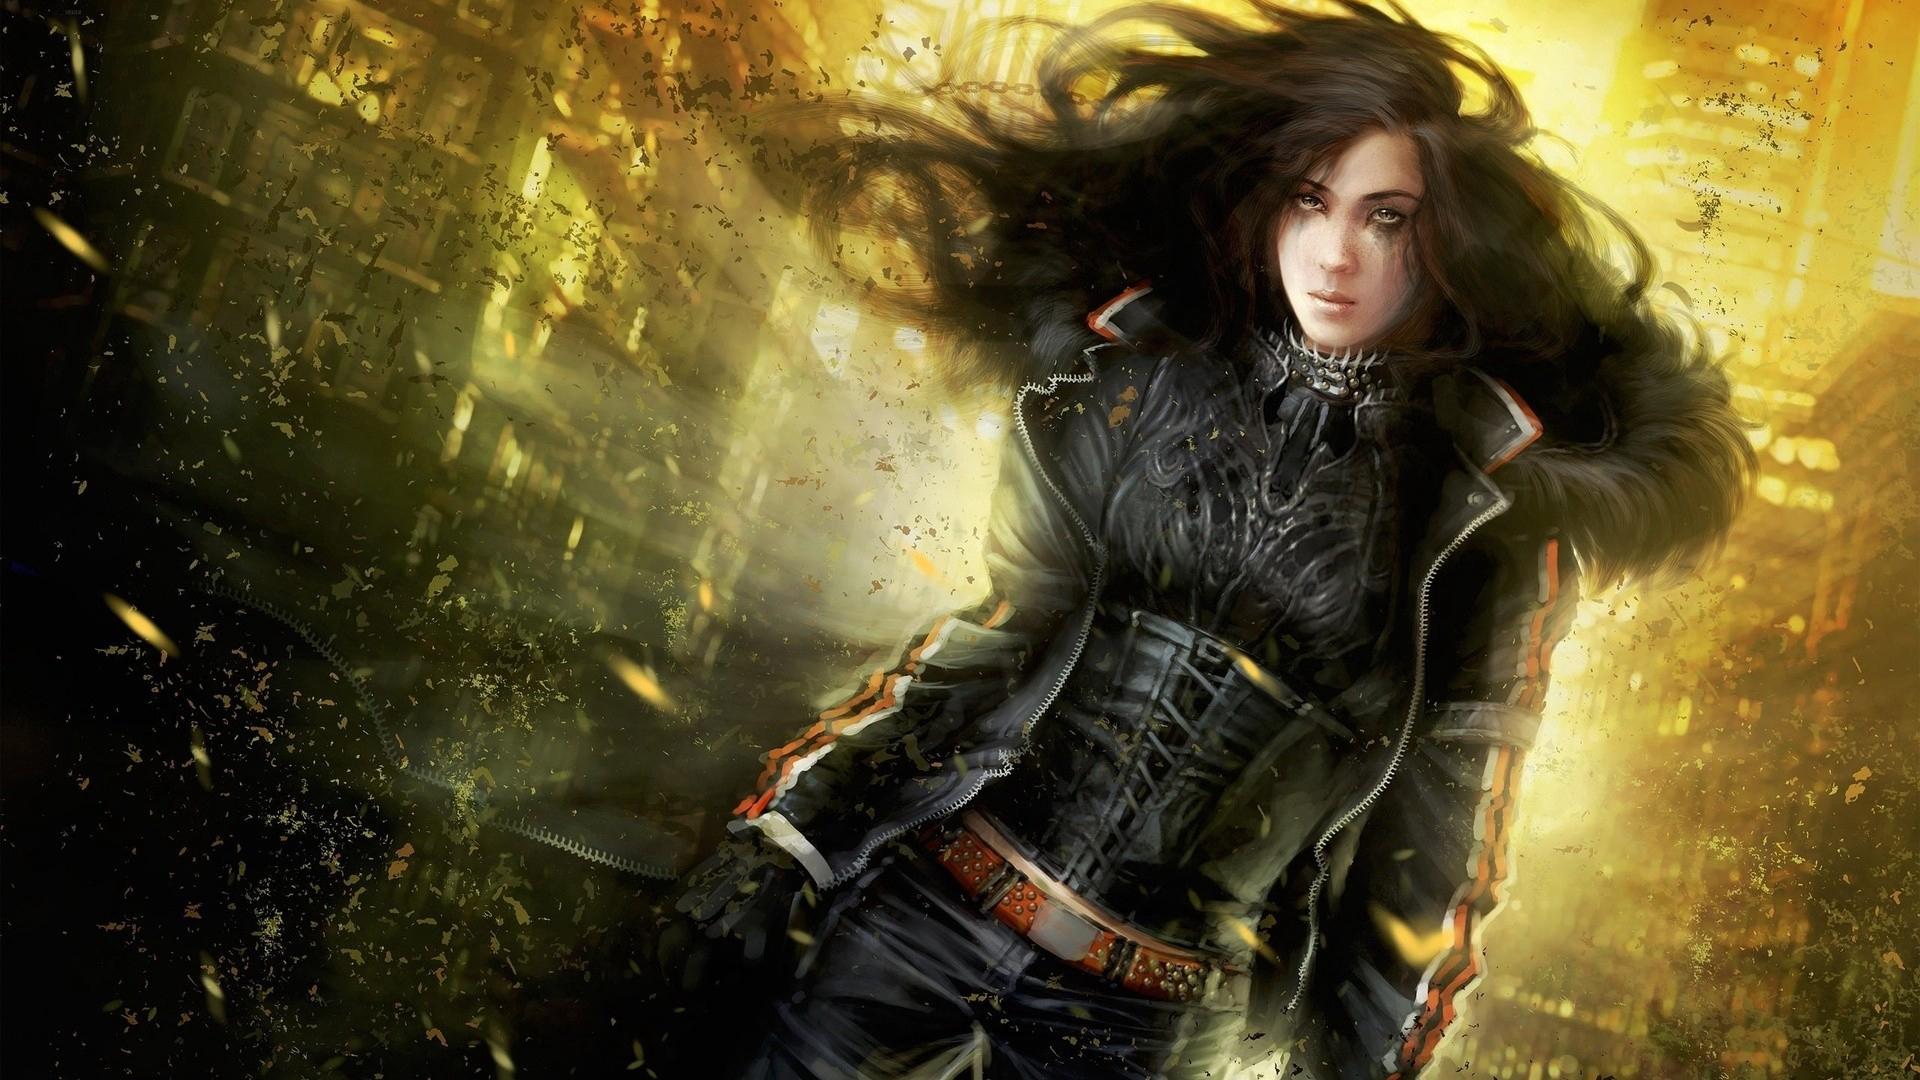 Wallpaper Girl, Art, Fantasy Art - Dark Fantasy Woman Warrior - HD Wallpaper